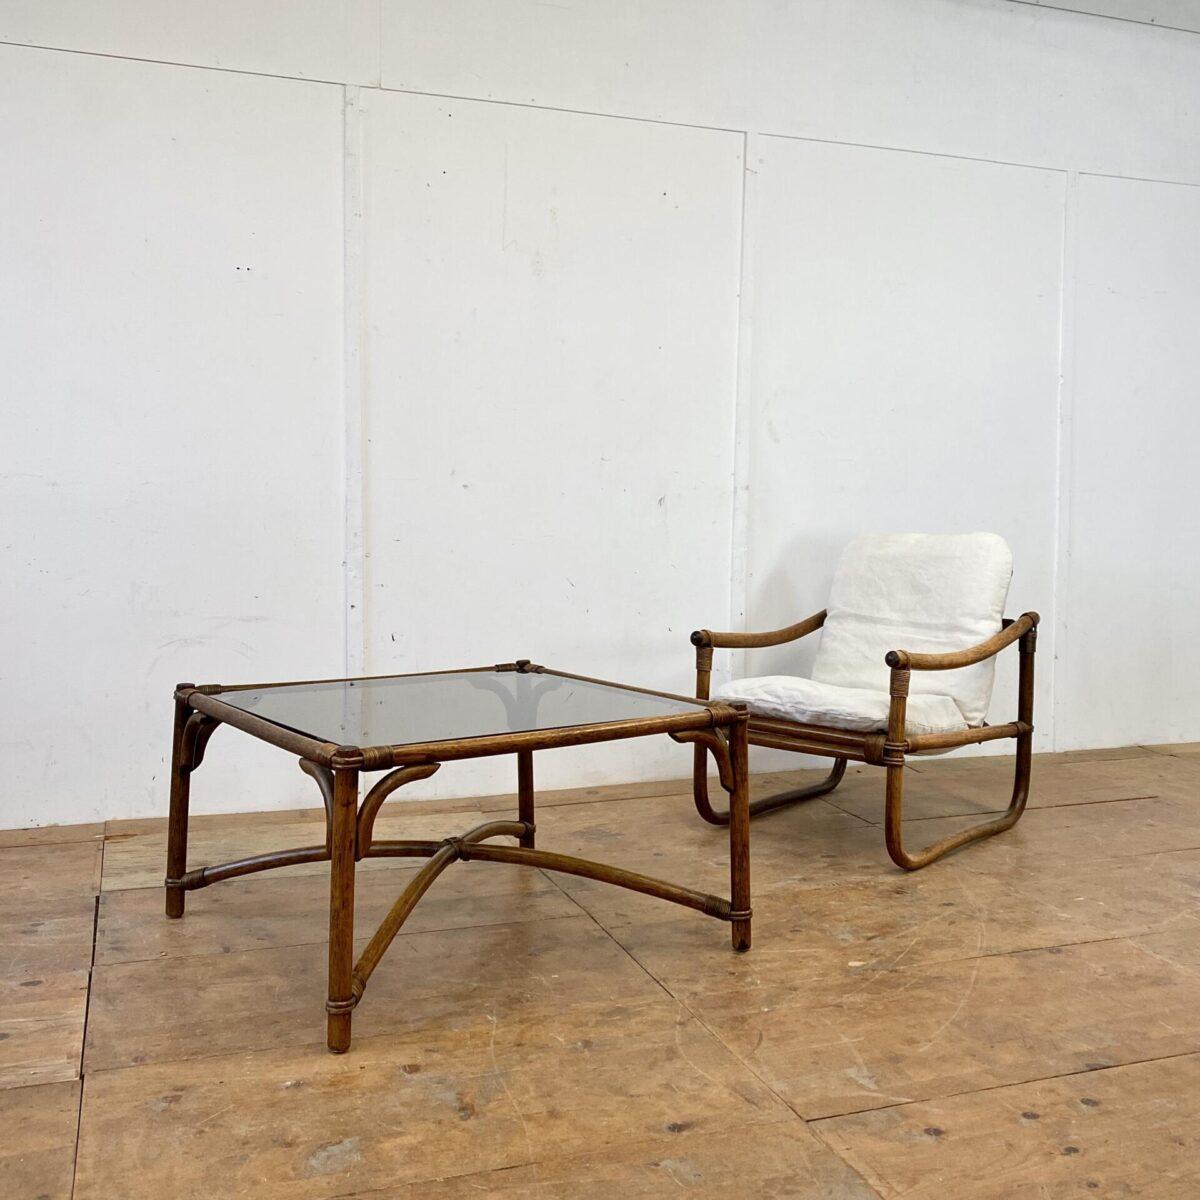 Deuxieme.shop Cocktail Sessel Bambus coffetable. Midcentury Bambus Sessel und Salontisch. Der Salontisch mit Rauchglas ist 89x89cm Höhe 50cm. Der abnehmbare Stoff des Cocktail Sessel ist frisch gewaschen. Preis fürs Set.